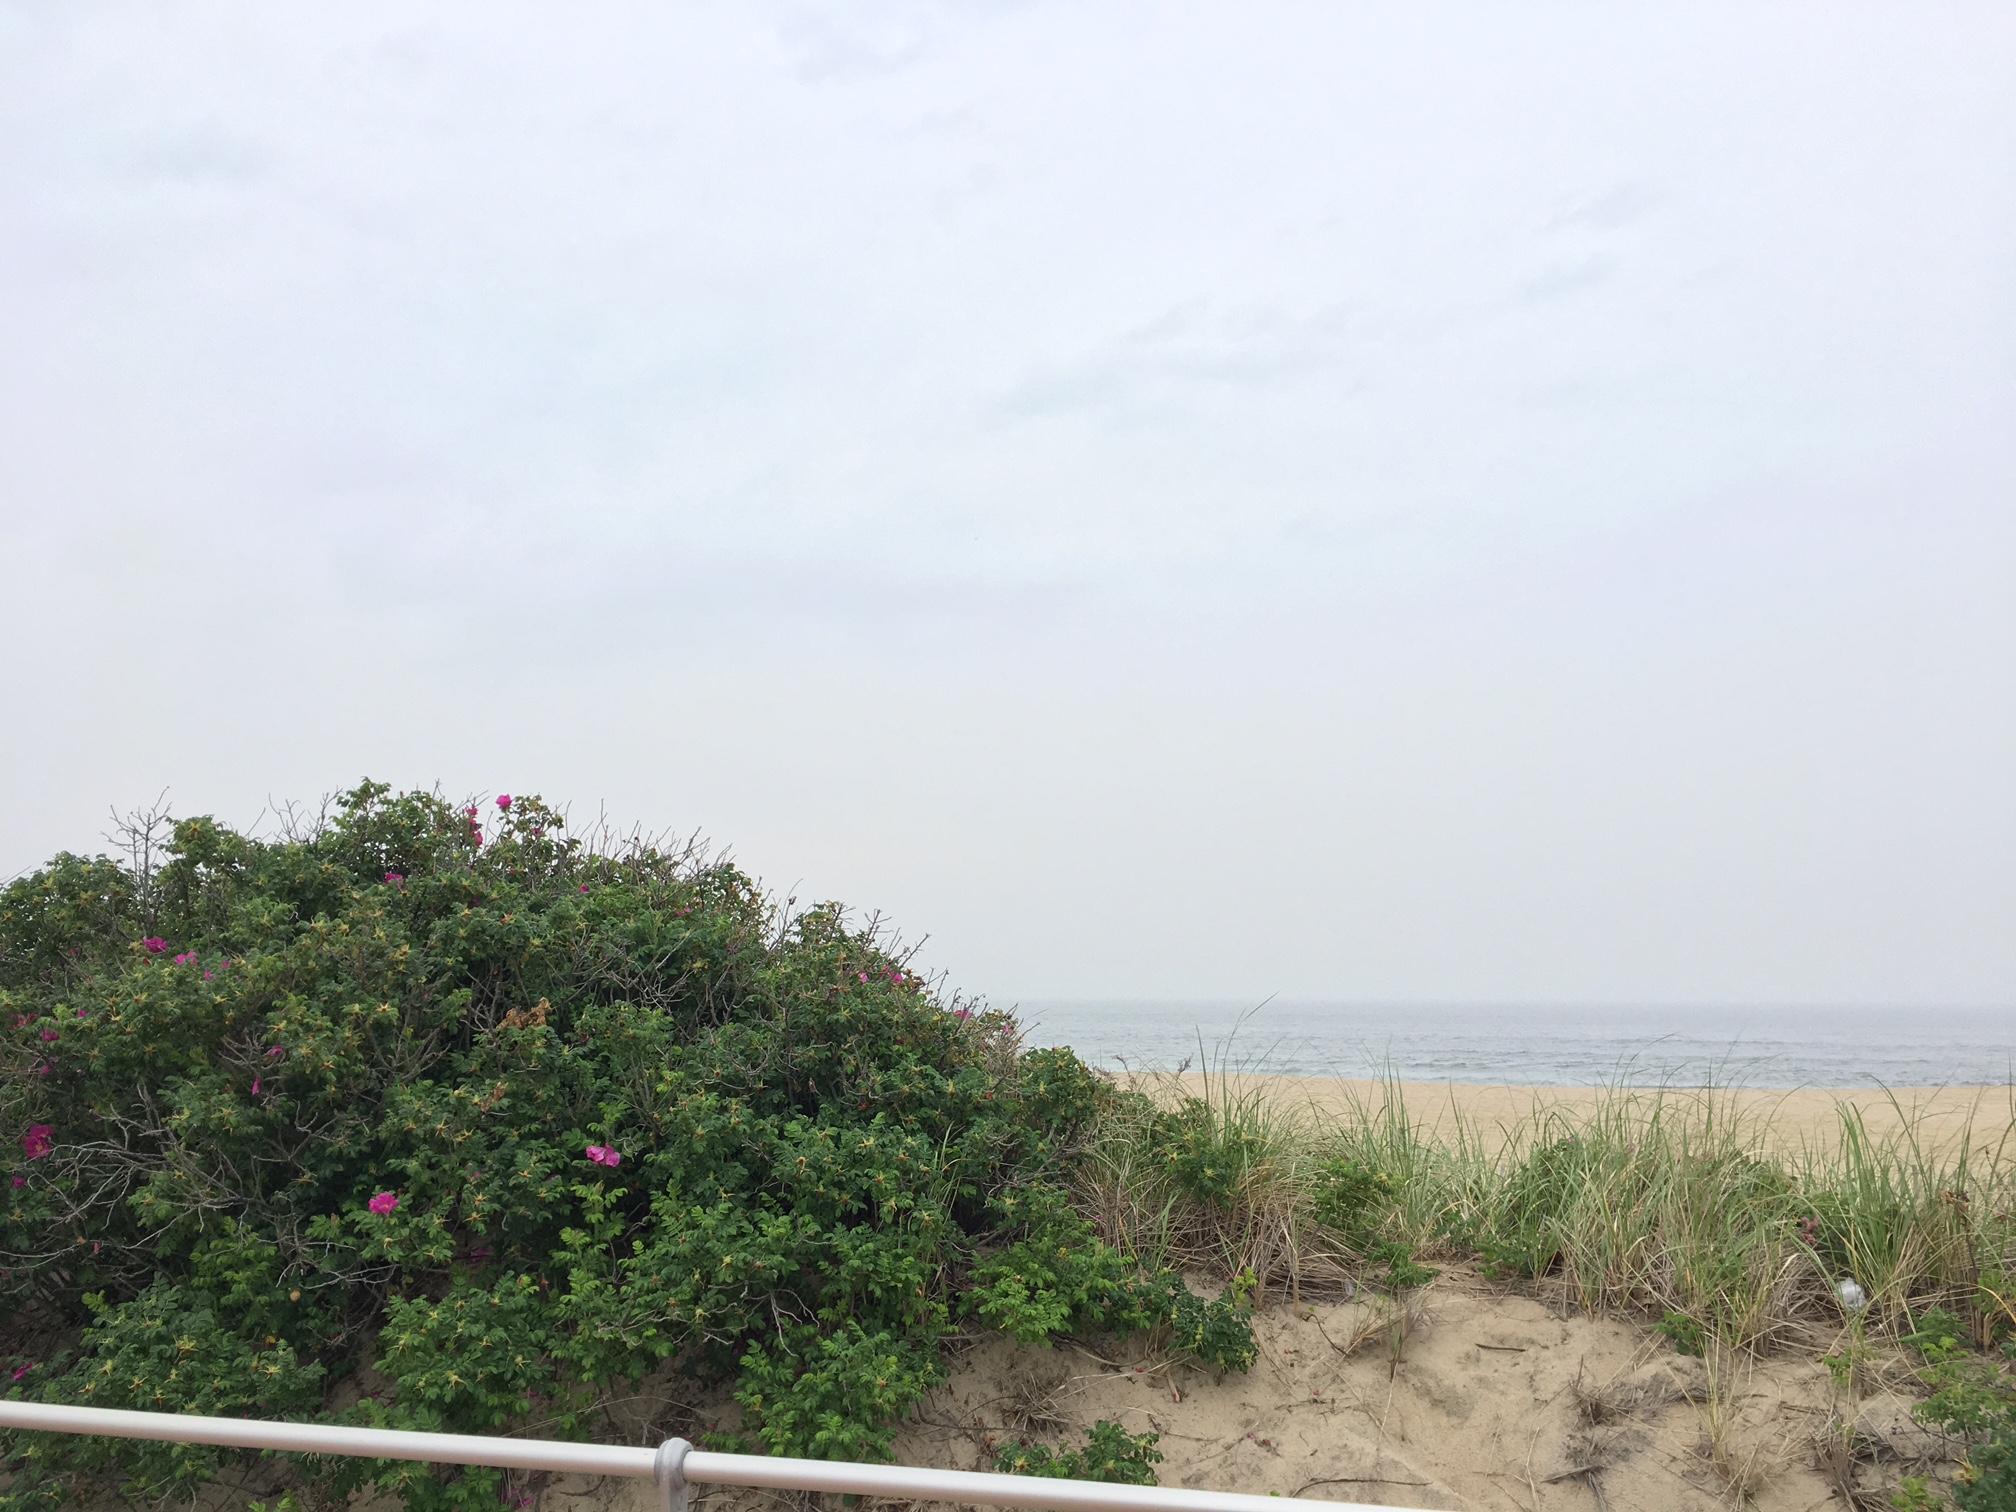 Beach grass and beach roses.